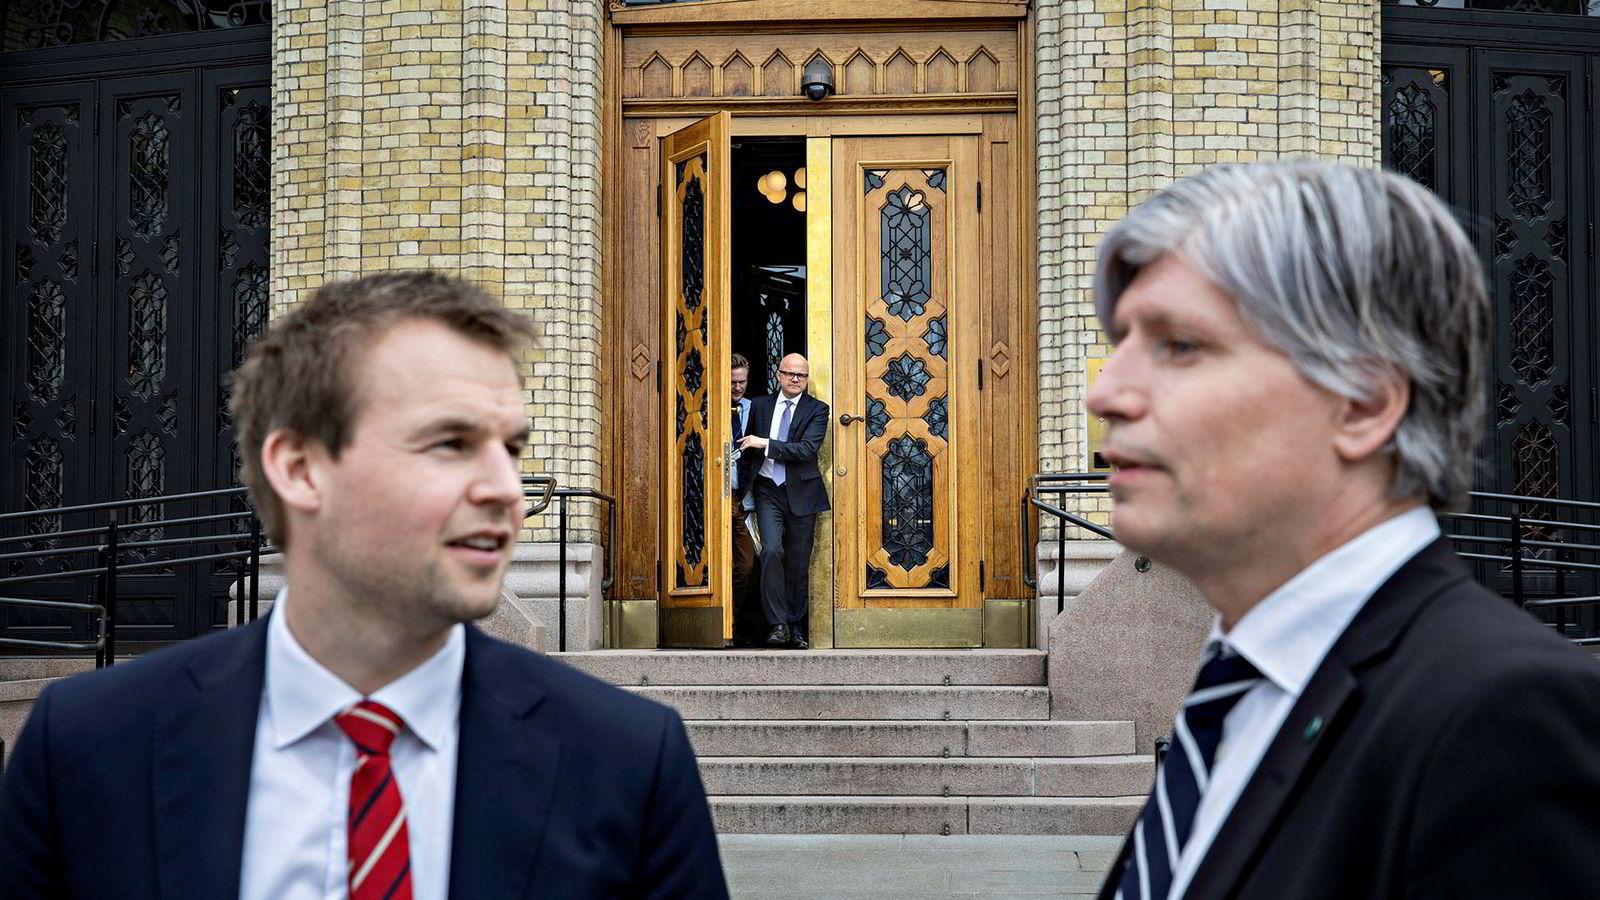 Fra venstre: Kjell Ingolf Ropstad (KrF), statsråd Vidar Helgesen (H) og Ola Elvestuen (V)